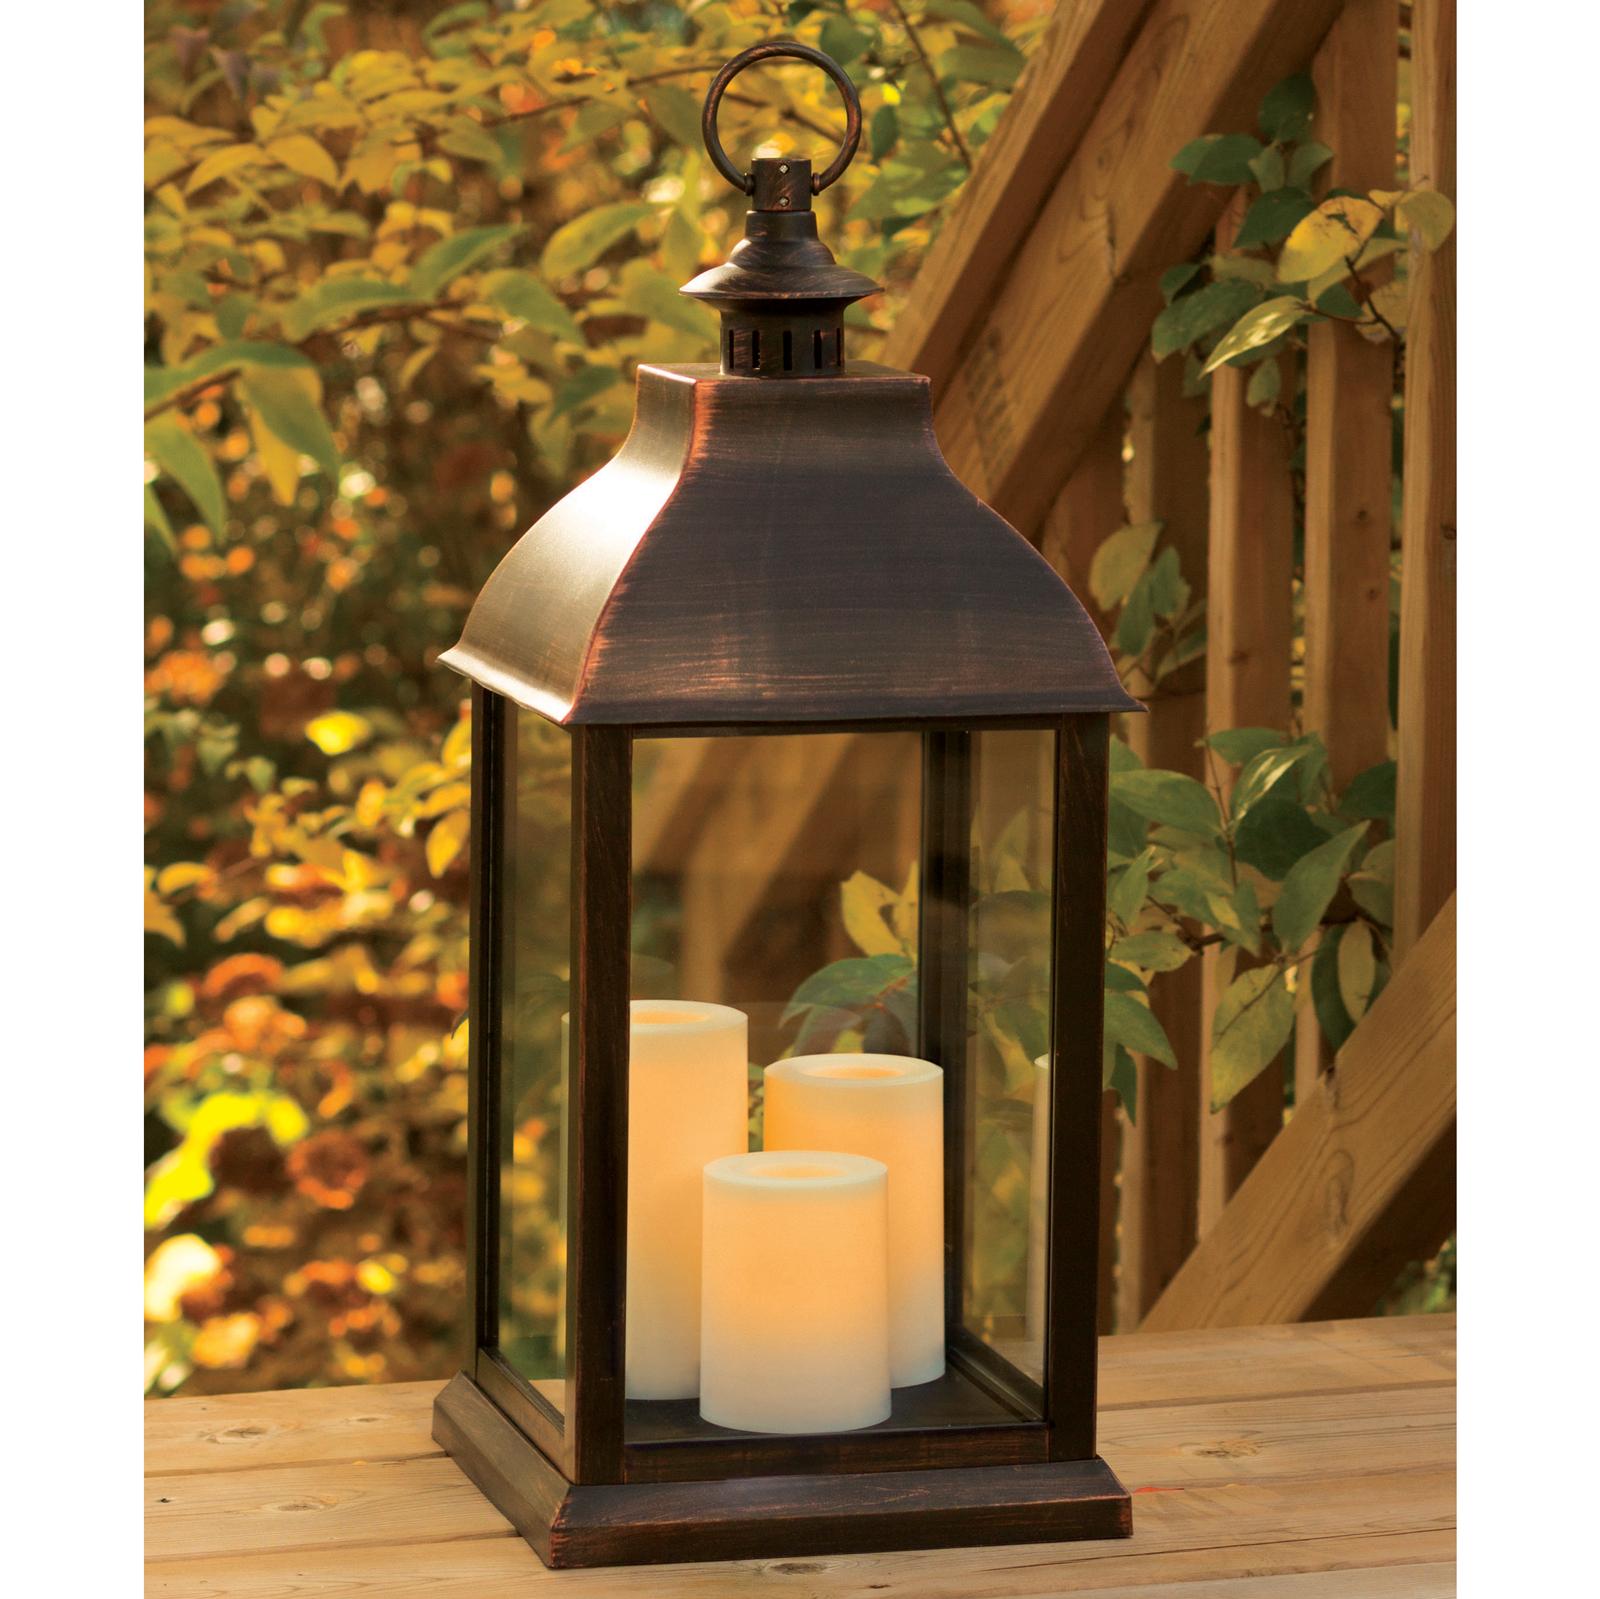 garden lanterns garden: lanterns MCBGYWP